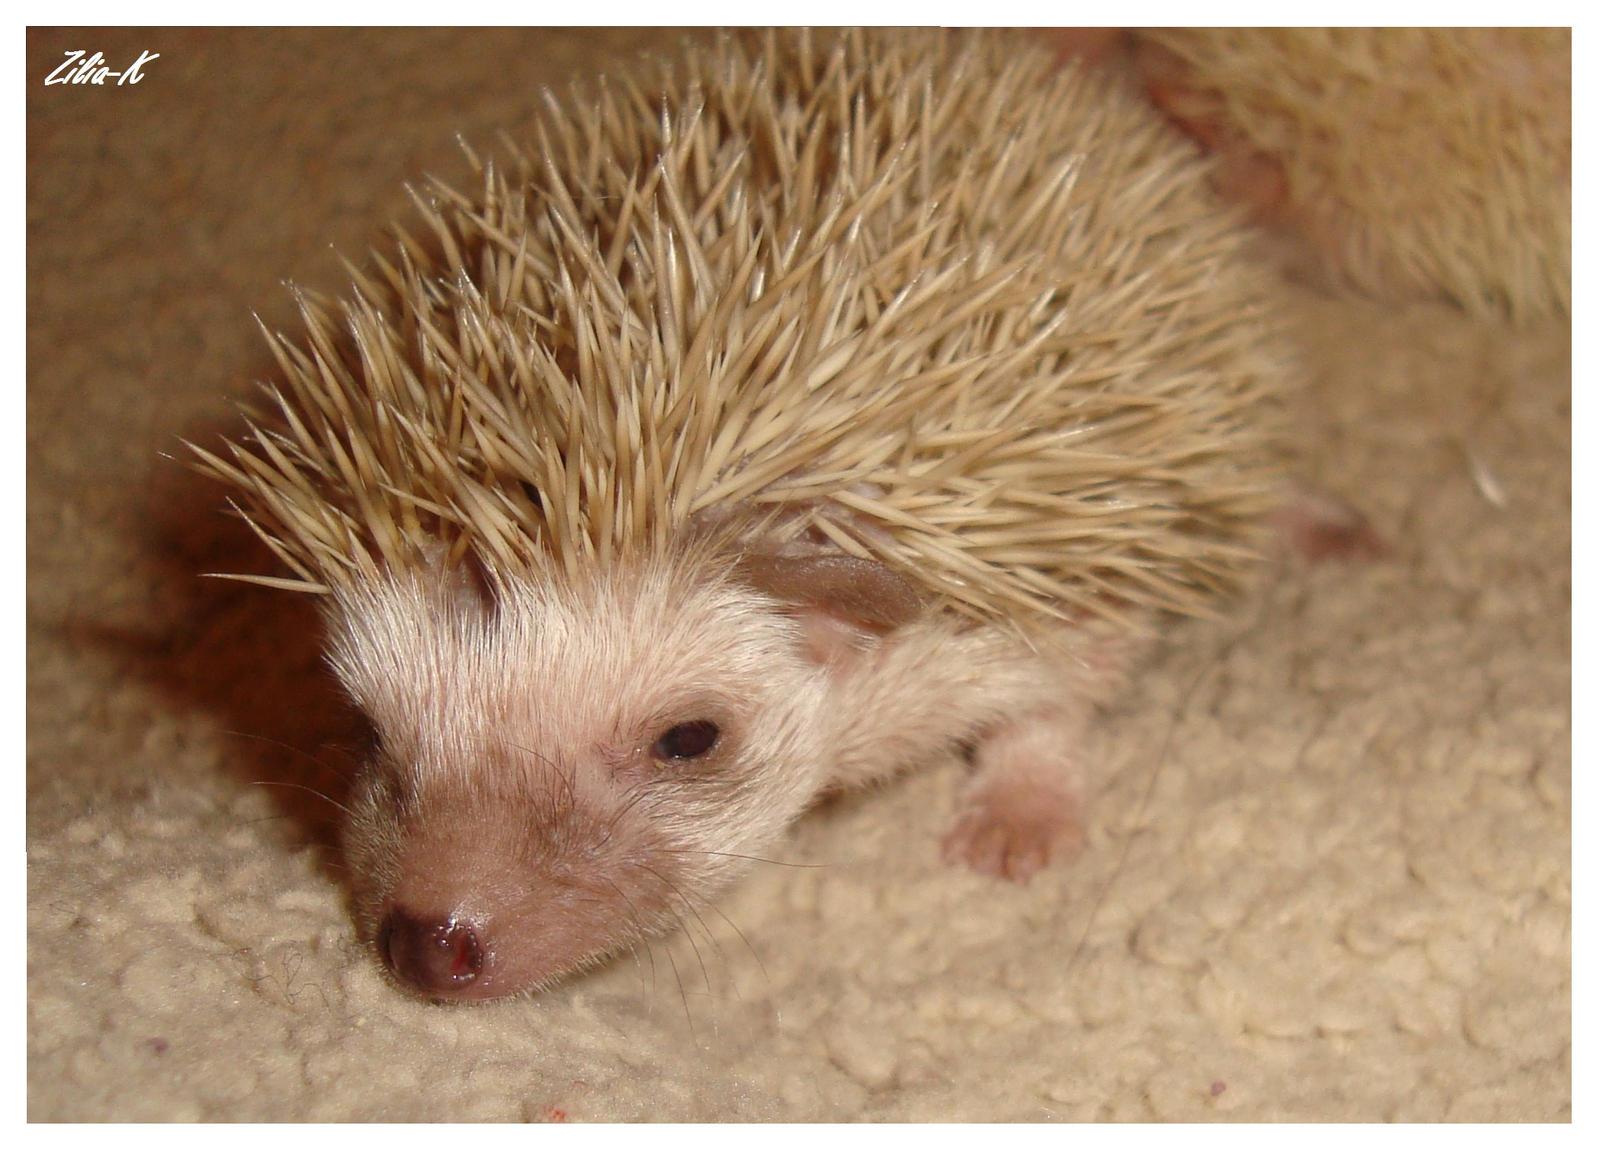 Cute hedgehog by zilia-k